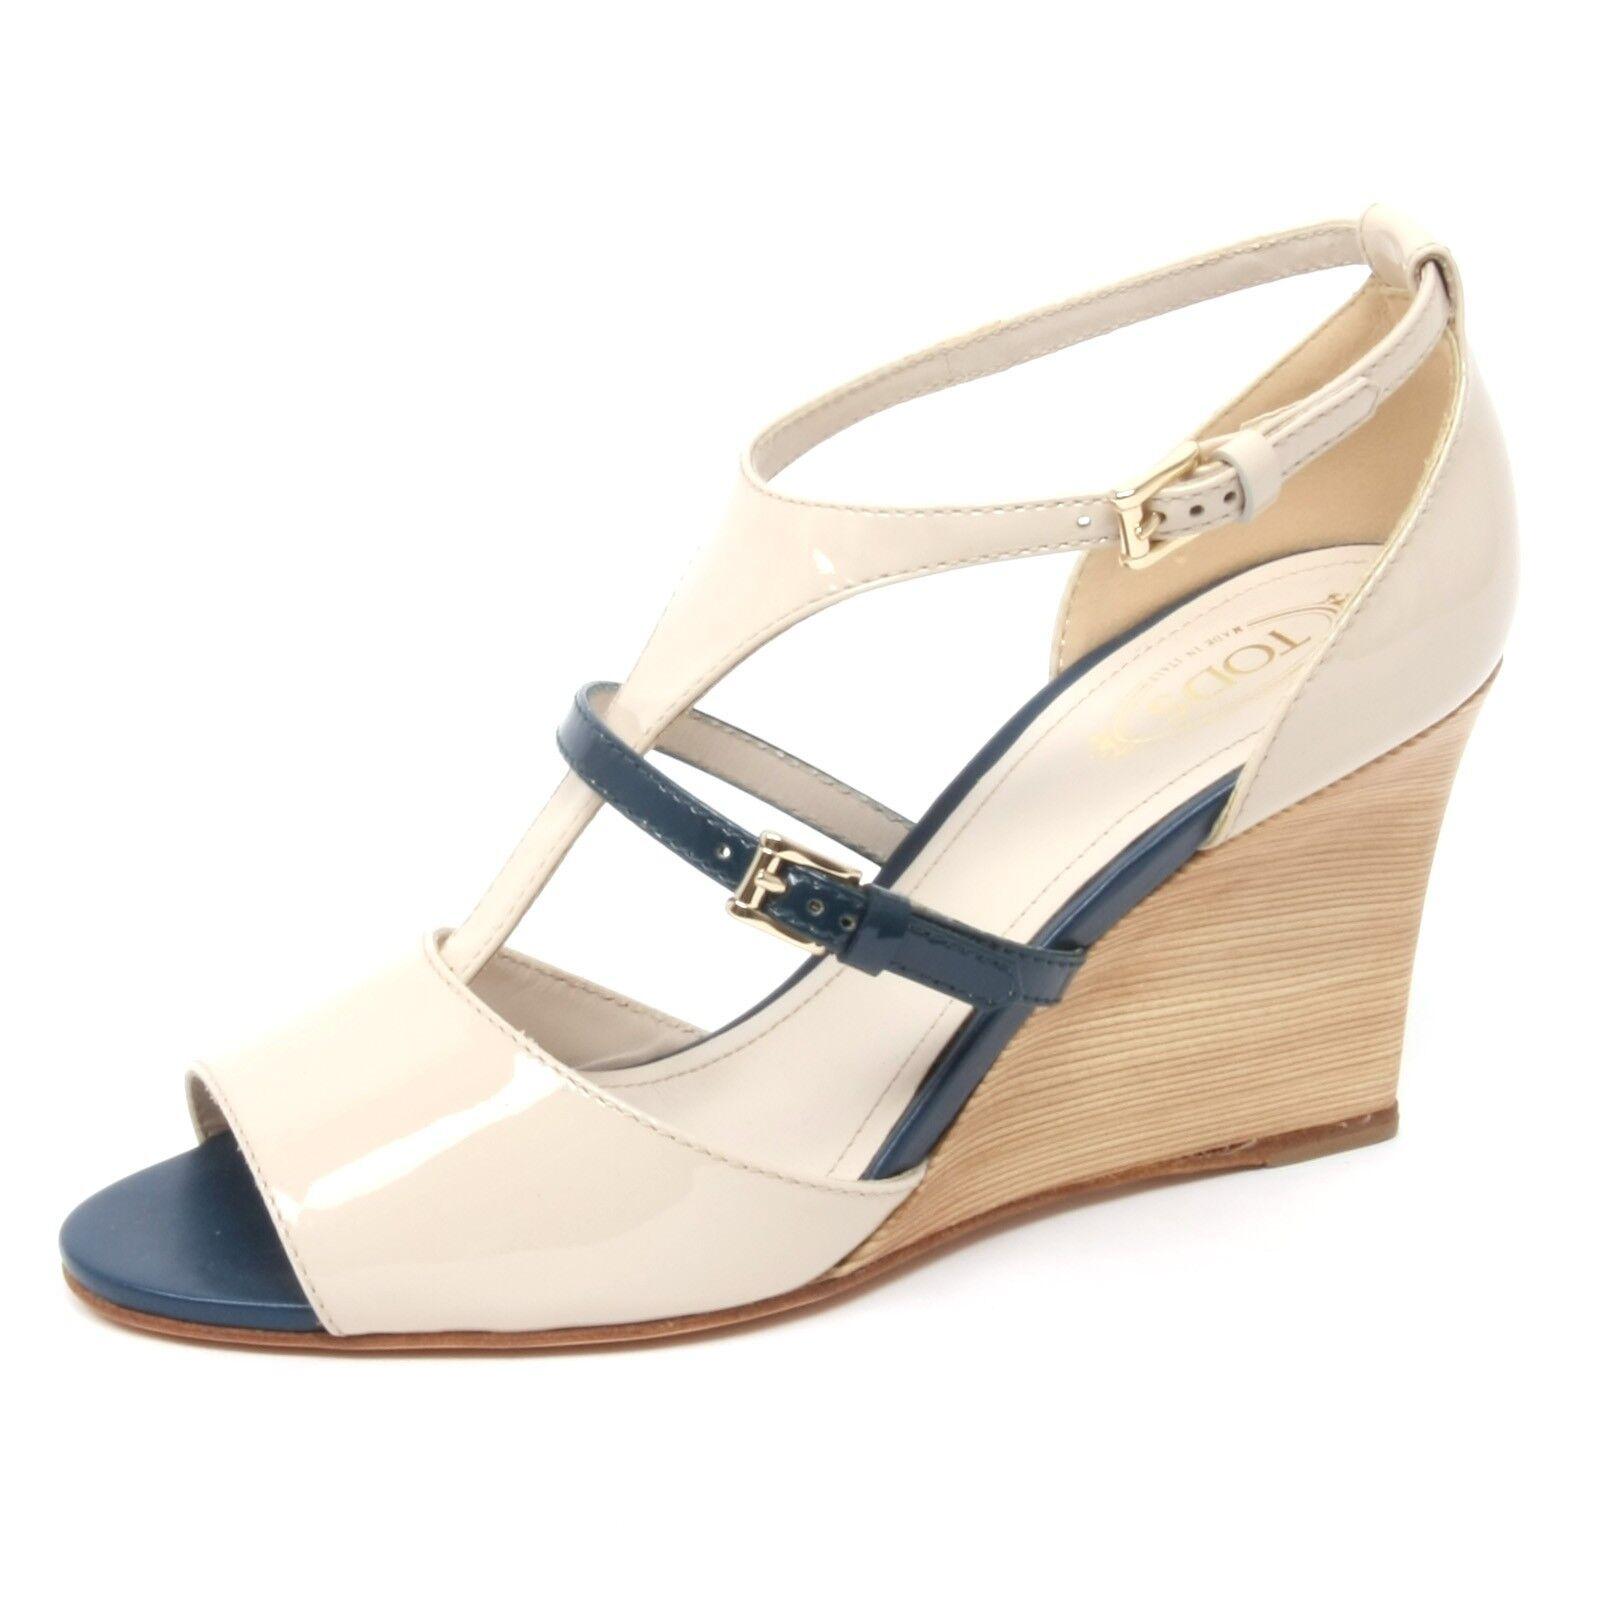 B367 Sandal kvinnor TOD's t85 skor Wedge ljus Beige  blå Sandal skor kvinna